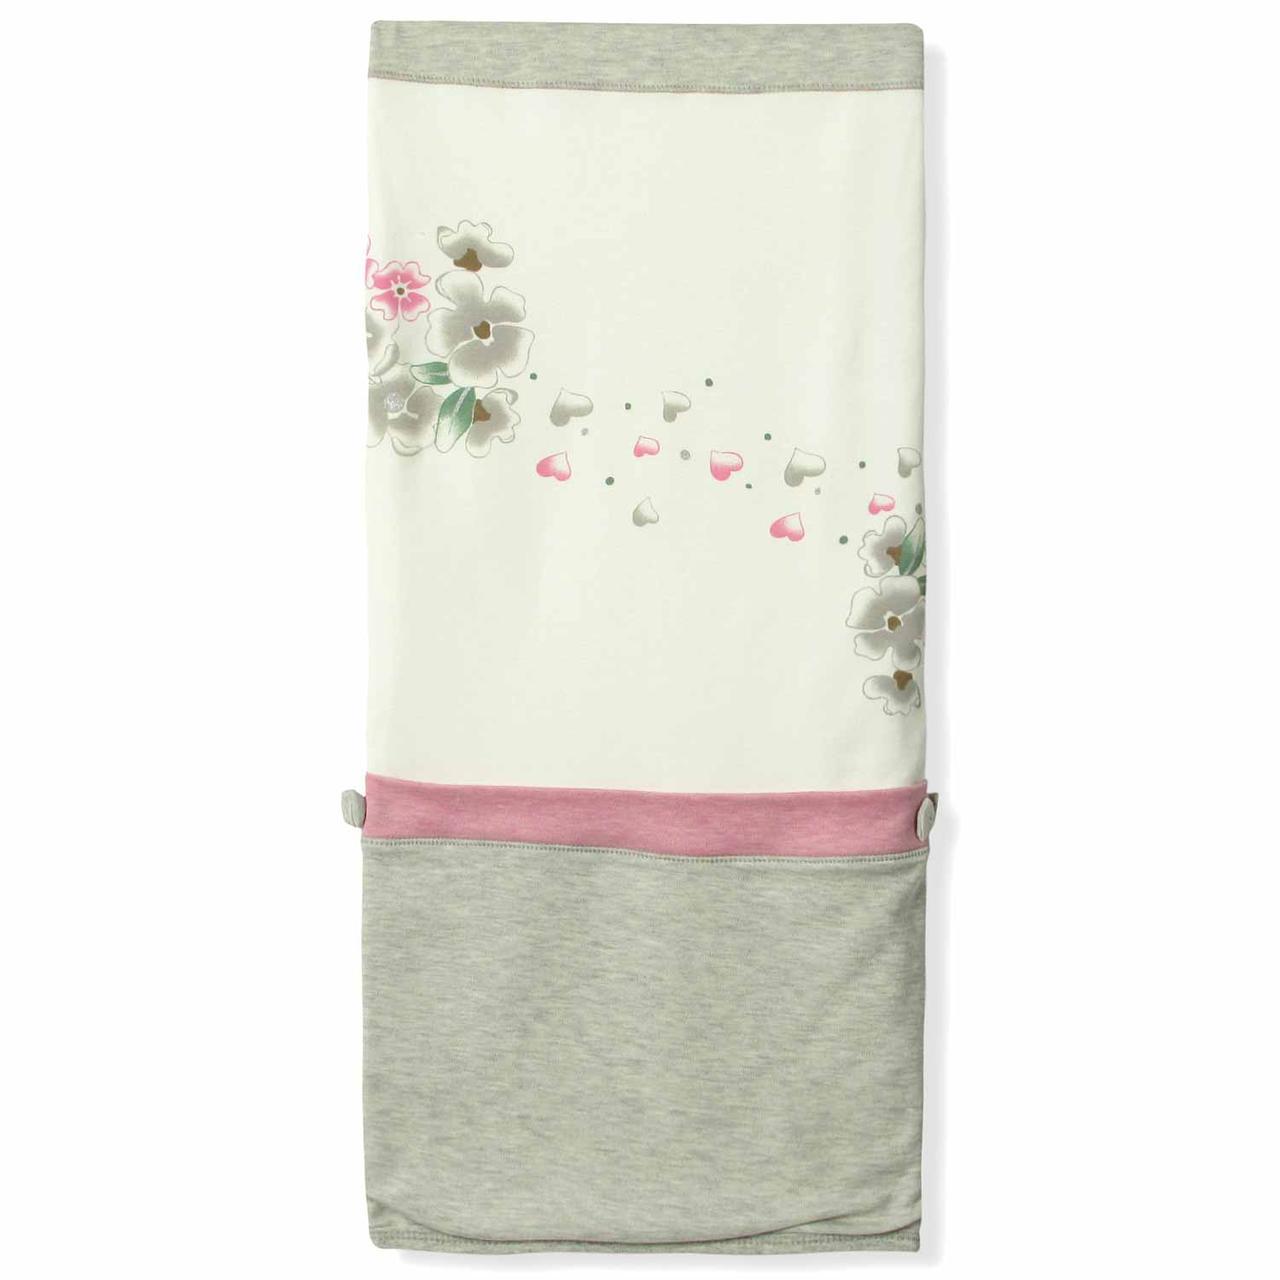 Одеяло для новорожденной девочки Caramell Caramell (One Size)